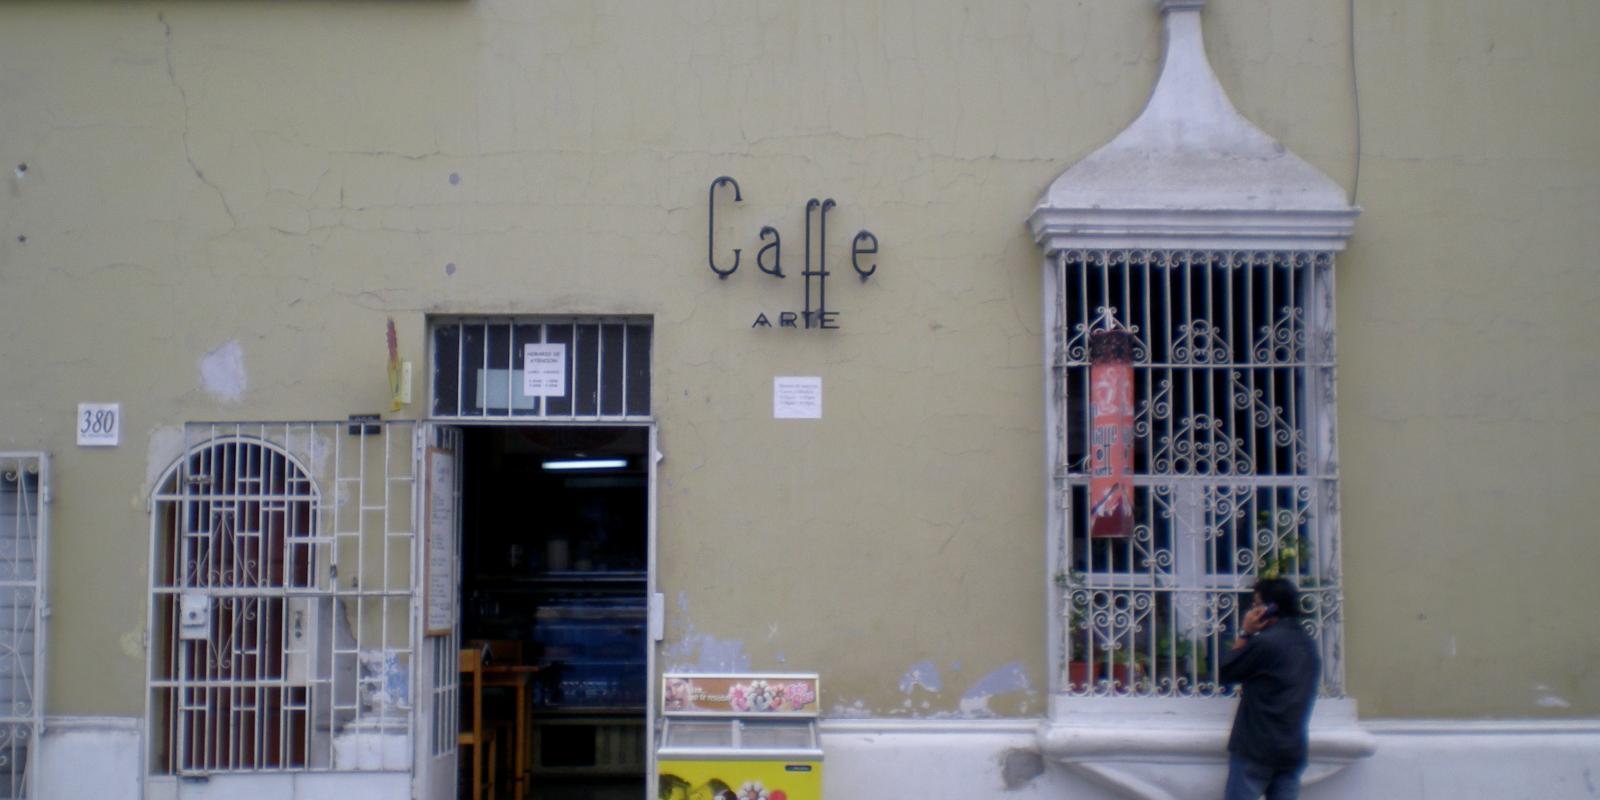 Caffe Arte, Trujillo, Peru (2008)